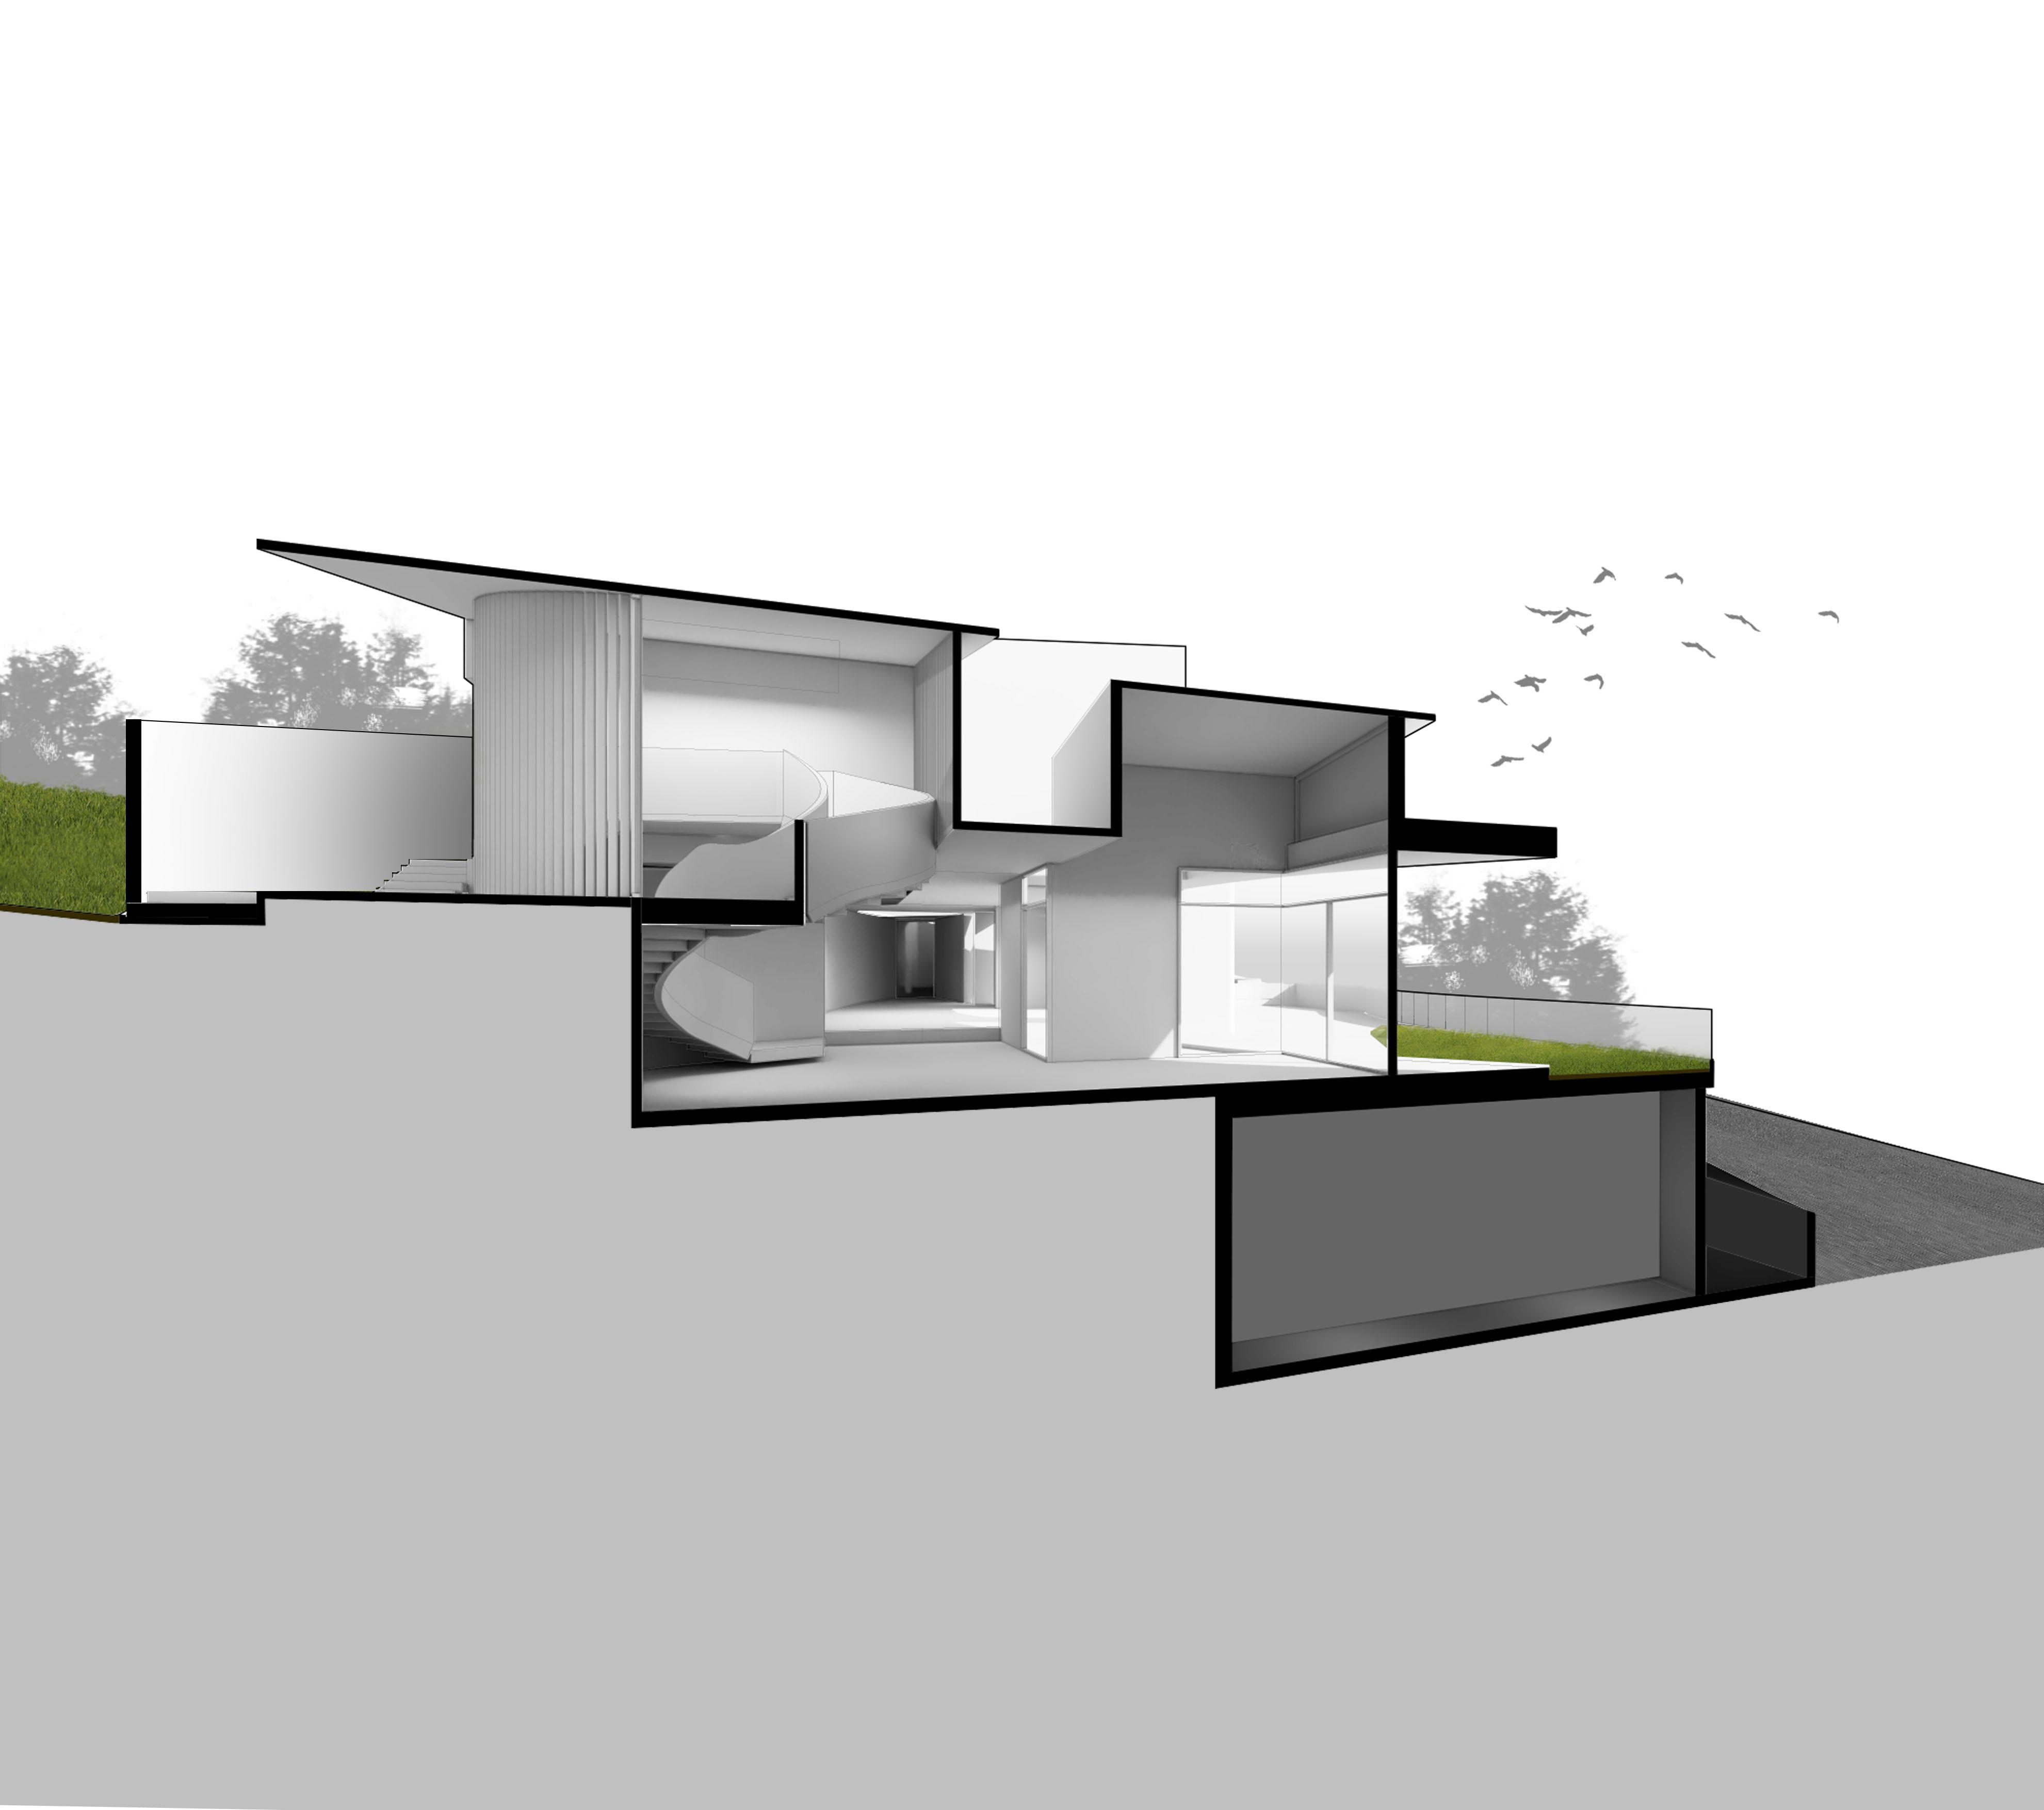 Sectional Perspective A-A Zubu Design Associates}